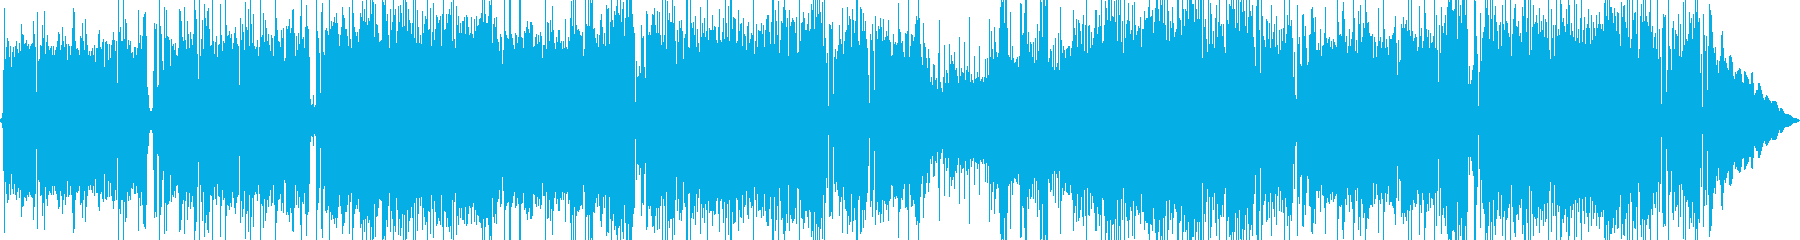 ゲームBGM ダンジョンや戦闘のイメージの再生済みの波形